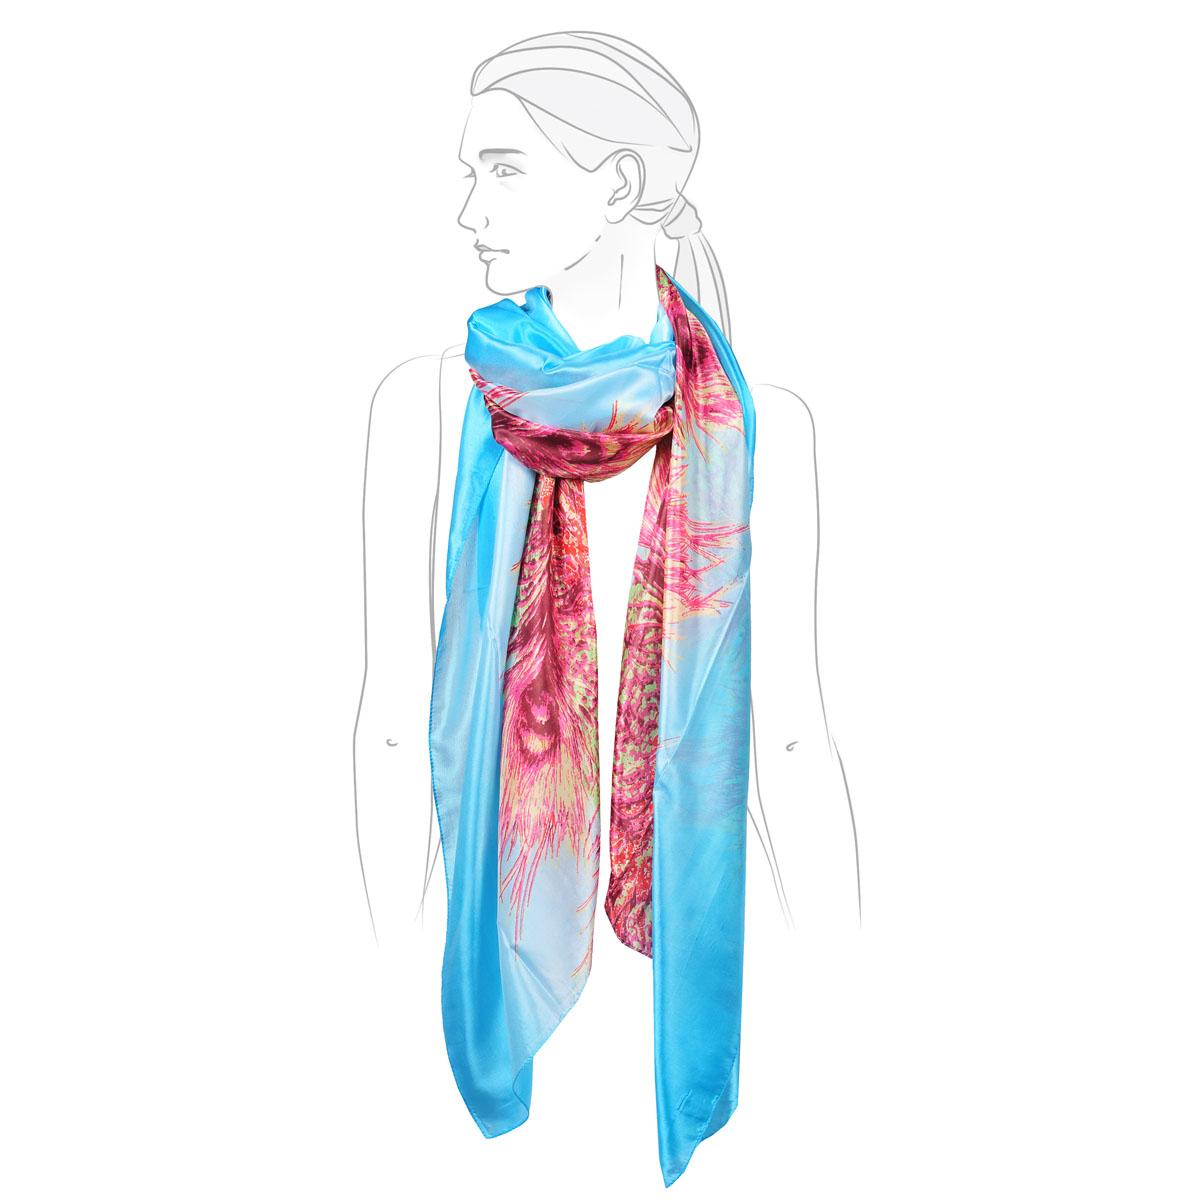 Палантин женский Модные истории, цвет: голубой, красный, зеленый. 21/0476. Размер 95 см х 200 см21/0476Легкий палантин оформлен ярким цветочным принтом. Он выполнен из натурального шелка. Легко и красиво драпируется.Этот модный аксессуар женского гардероба гармонично дополнит образ современной женщины, следящей за своим имиджем и стремящейся всегда оставаться стильной и элегантной.